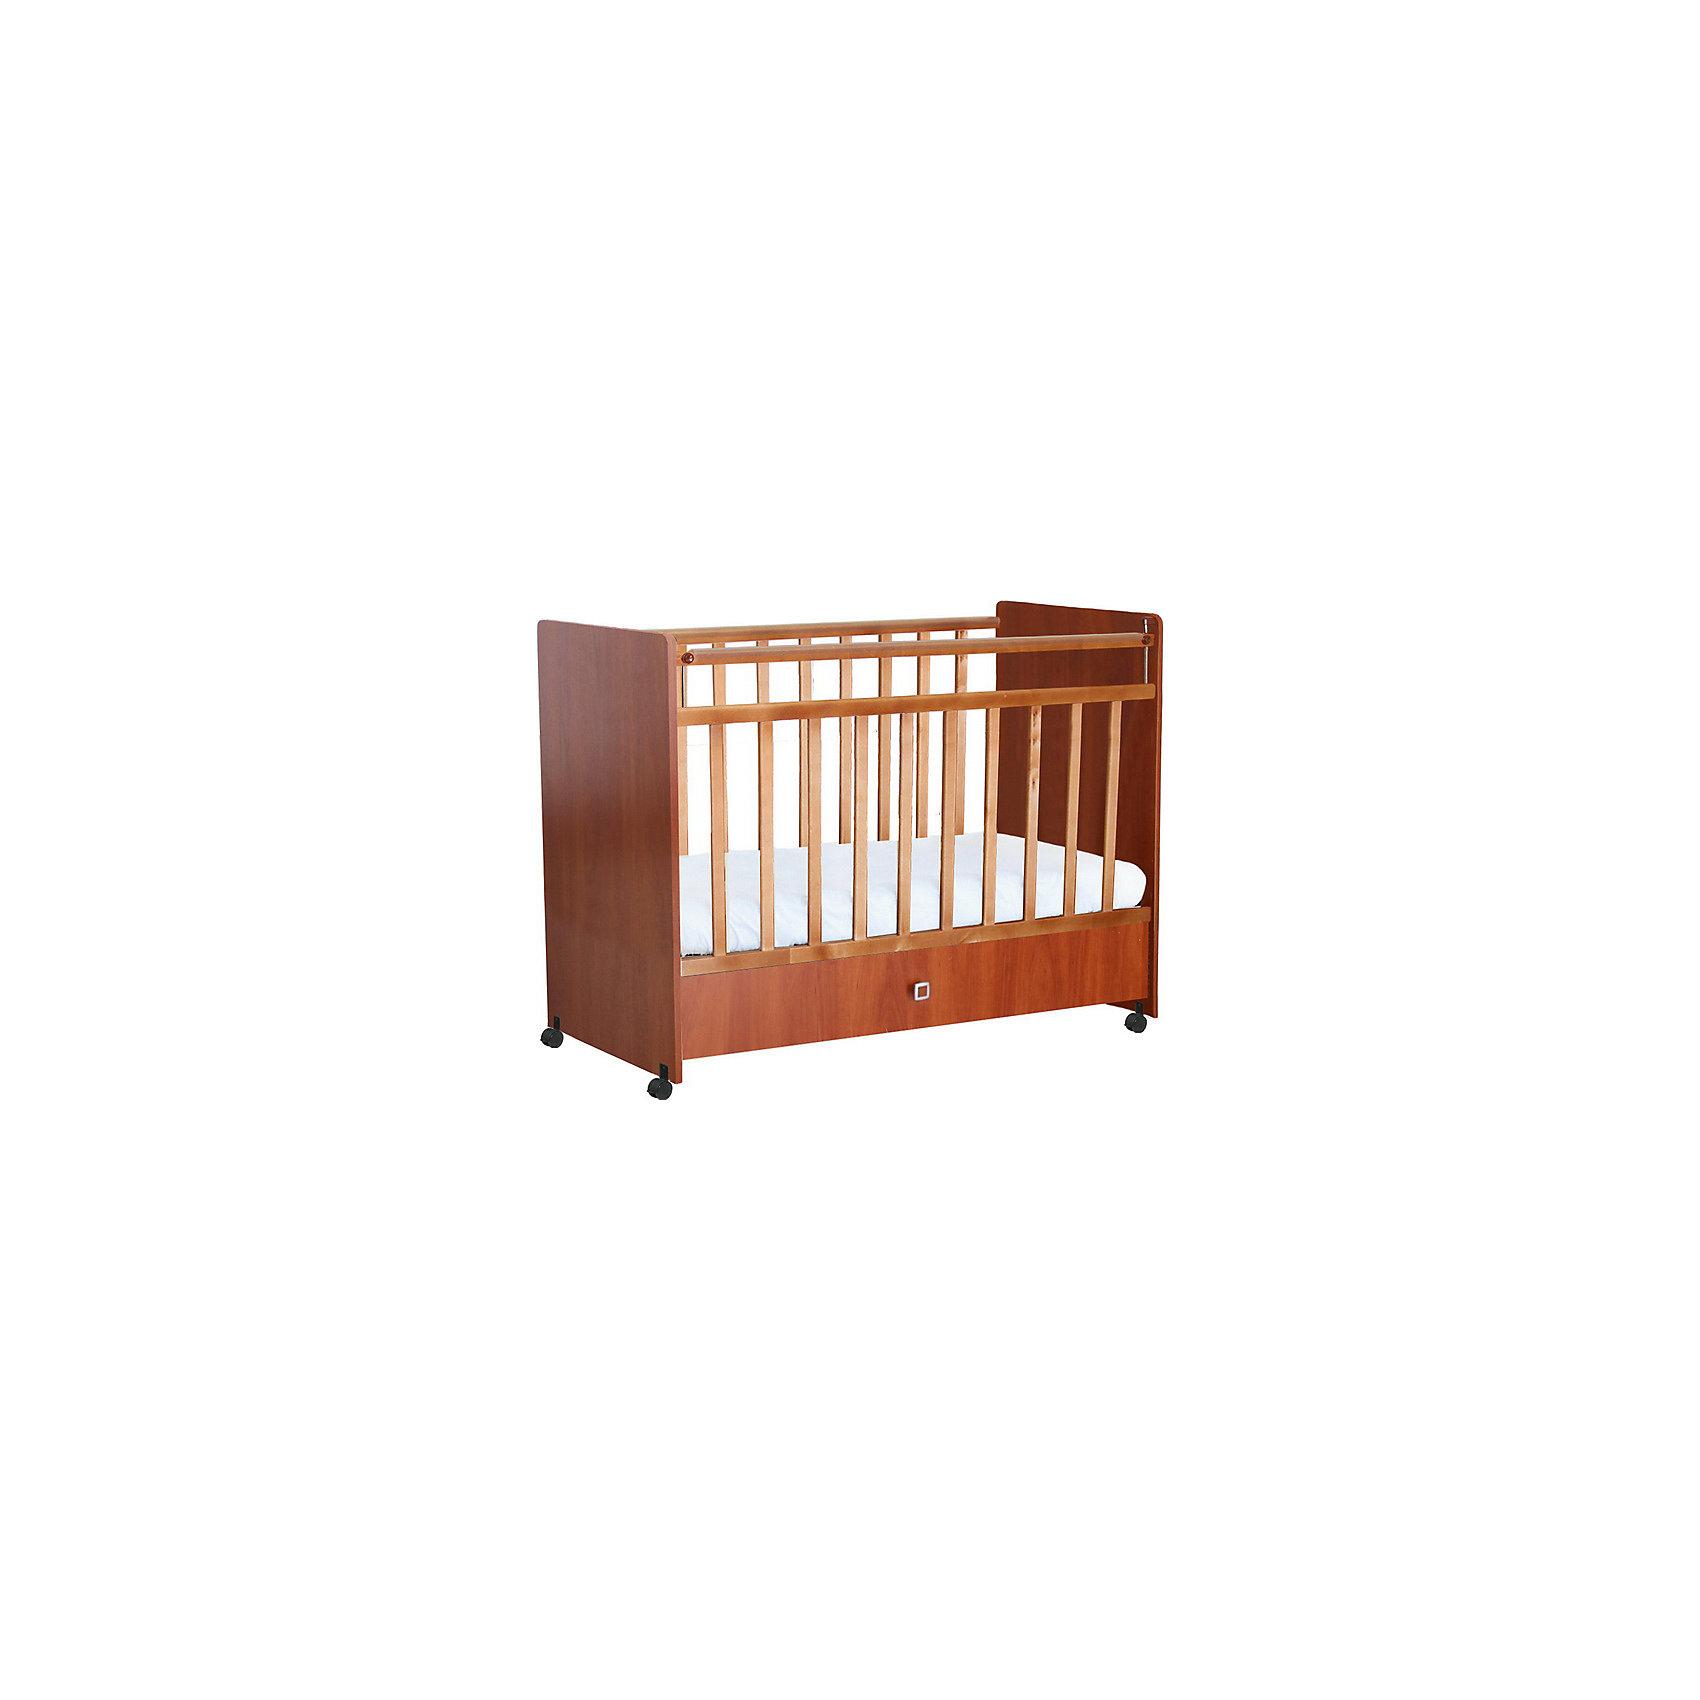 Кроватка 700, Фея, орехКачественная детская мебель всегда отличается от взрослой, так как производится с учетом потребностей малышей. Данная кроватка обеспечит удобство и ребенку и маме - она имеет удобный механизм опускания передней планки и колесики, с помощью которых кроватку можно перемещать.<br>В этой модели также есть удобный ящик и накладки ПВХ. Кроватка сделана из качественного дерева, покрытого лаком. Цвет - приятный и универсальный, подойдет практически для любого интерьера. Все материалы тщательно подобраны специалистами и безопасны для детей.<br><br>Дополнительная информация:<br><br>цвет: орех;<br>материал: дерево, лак;<br>передняя планка удобно опускается;<br>выдвижной ящик;<br>ложе имеет 2 положения;<br>колёсики;<br>накладки ПВХ;<br>ортопедической основание;<br>размер:  99,8 х 123,2 х 63,8 см ;<br>ложе: 60 на 120 см;<br>вес: 34,1 кг.<br><br>Кроватку 700 торговой марки Фея можно купить в нашем магазине.<br><br>Ширина мм: 998<br>Глубина мм: 1232<br>Высота мм: 638<br>Вес г: 24700<br>Возраст от месяцев: 0<br>Возраст до месяцев: 36<br>Пол: Унисекс<br>Возраст: Детский<br>SKU: 4873652